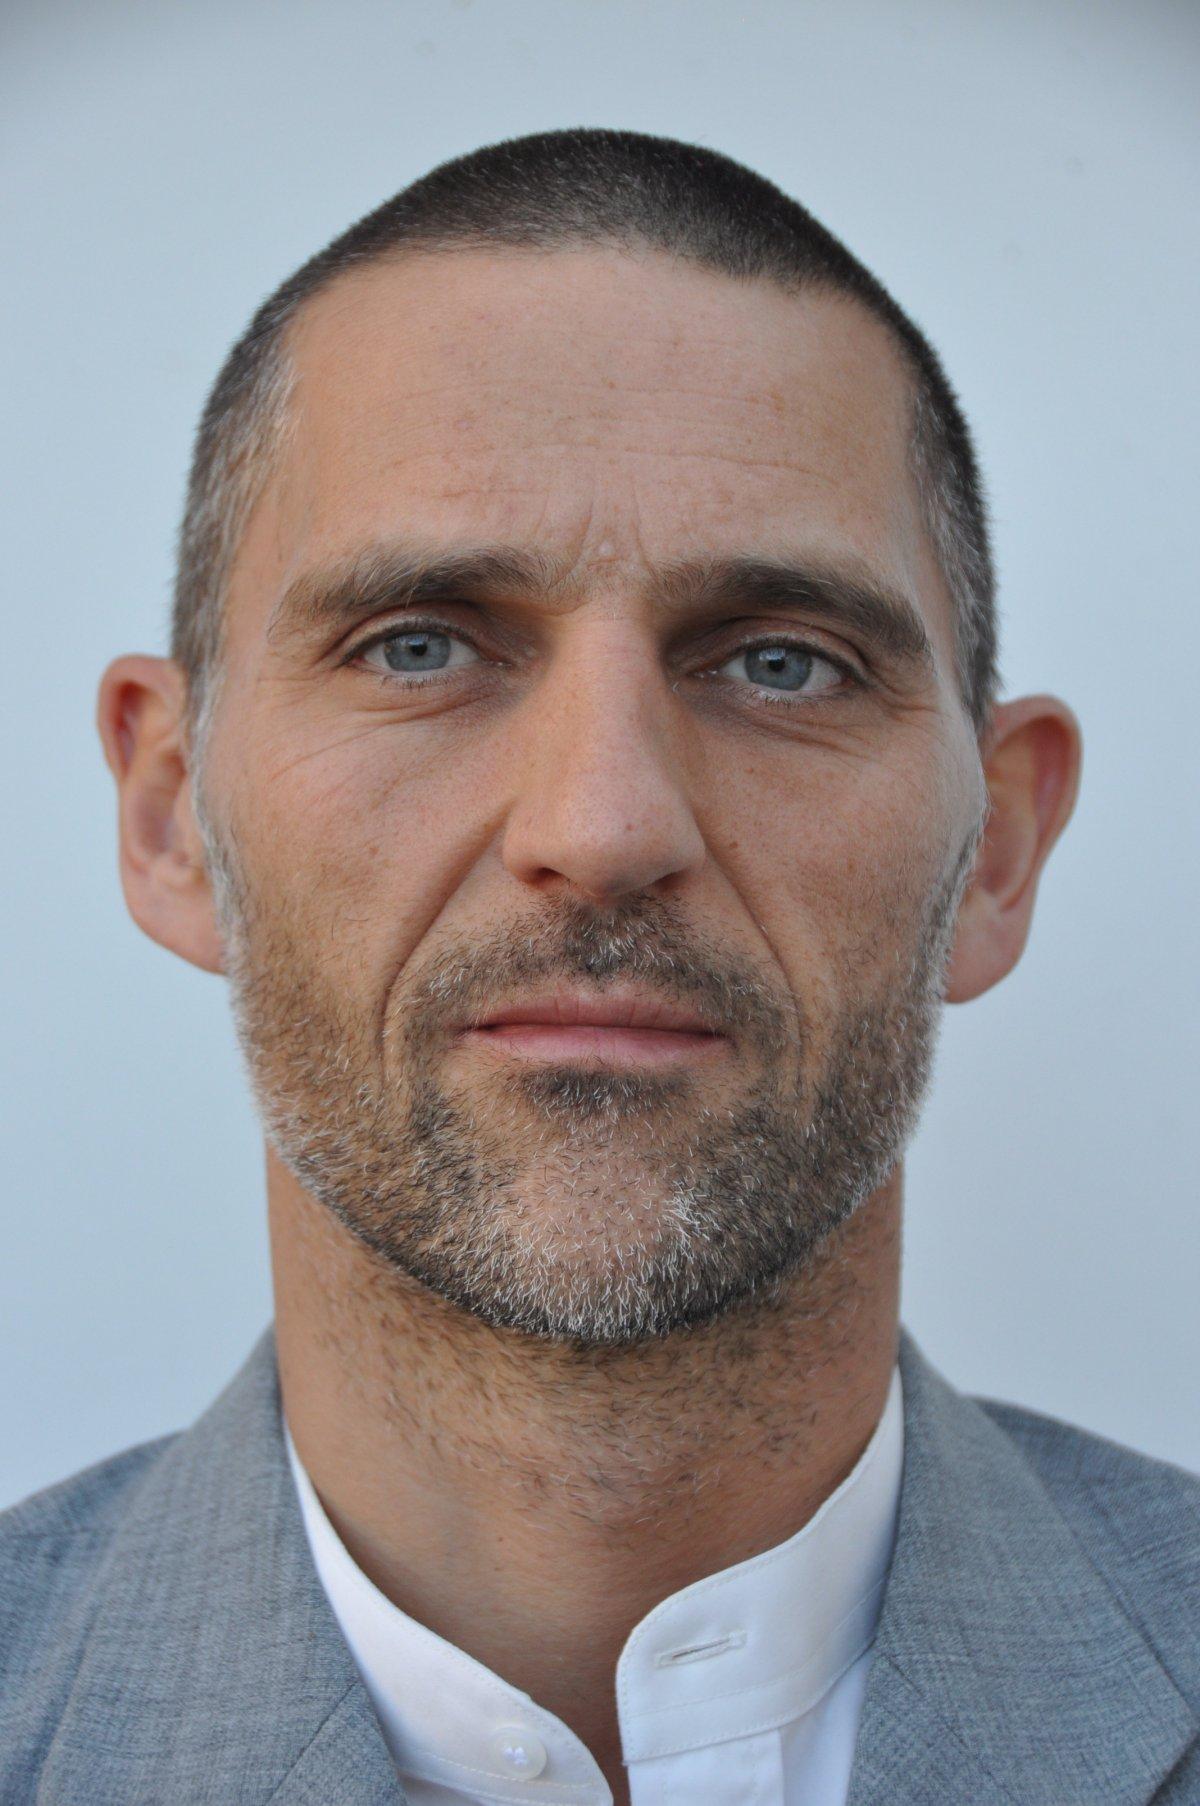 Auf dem Foto sieht man Dirk Lemke, der in Waldkirch behandelt. Er steht vor einem hellen Hintergrund. Er hat kurze schwarze Haare und einen schwarz grauen Dreitagebart. Dazu trägt er ein weißes Hemd und ein graues Sakko.